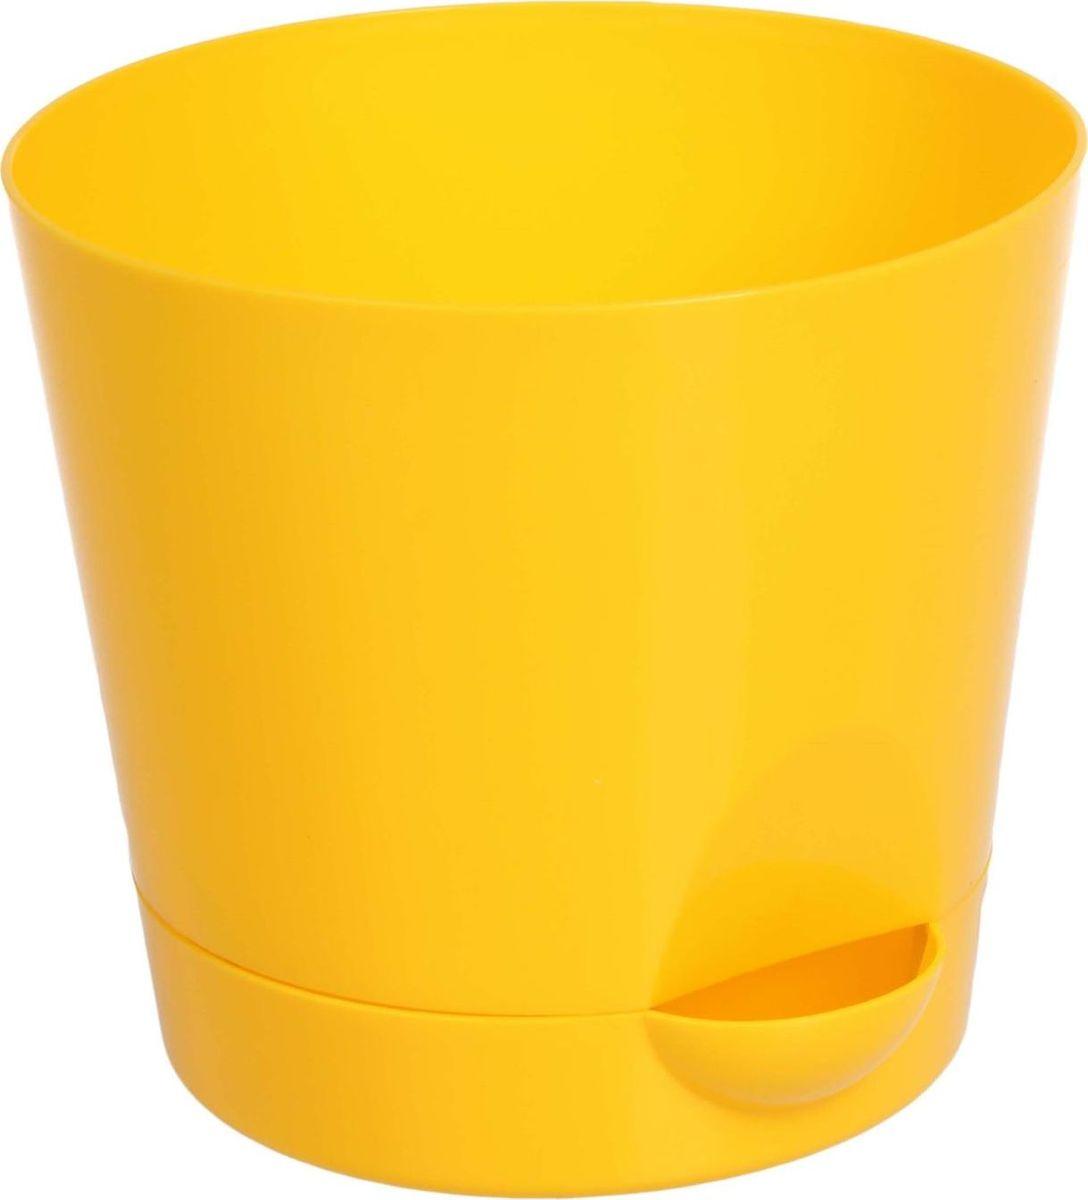 Кашпо Idea Ника, с прикорневым поливом, с поддоном, цвет: желтый, 1,6 л1623166Кашпо Idea Ника изготовлено из высококачественного полипропилена (пластика). В комплект входит поддон со специальной выемкой, благодаря которому имеется возможность прикорневого полива. Изделие подходит для выращивания растений и цветов в домашних условиях. Стильная яркая картинка сделает такое кашпо прекрасным дополнением интерьера. Объем горшка: 1,6 л. Диаметр горшка (по верхнему краю): 15 см. Высота горшка: 13,5 см. Диаметр подставки: 12,5 см.